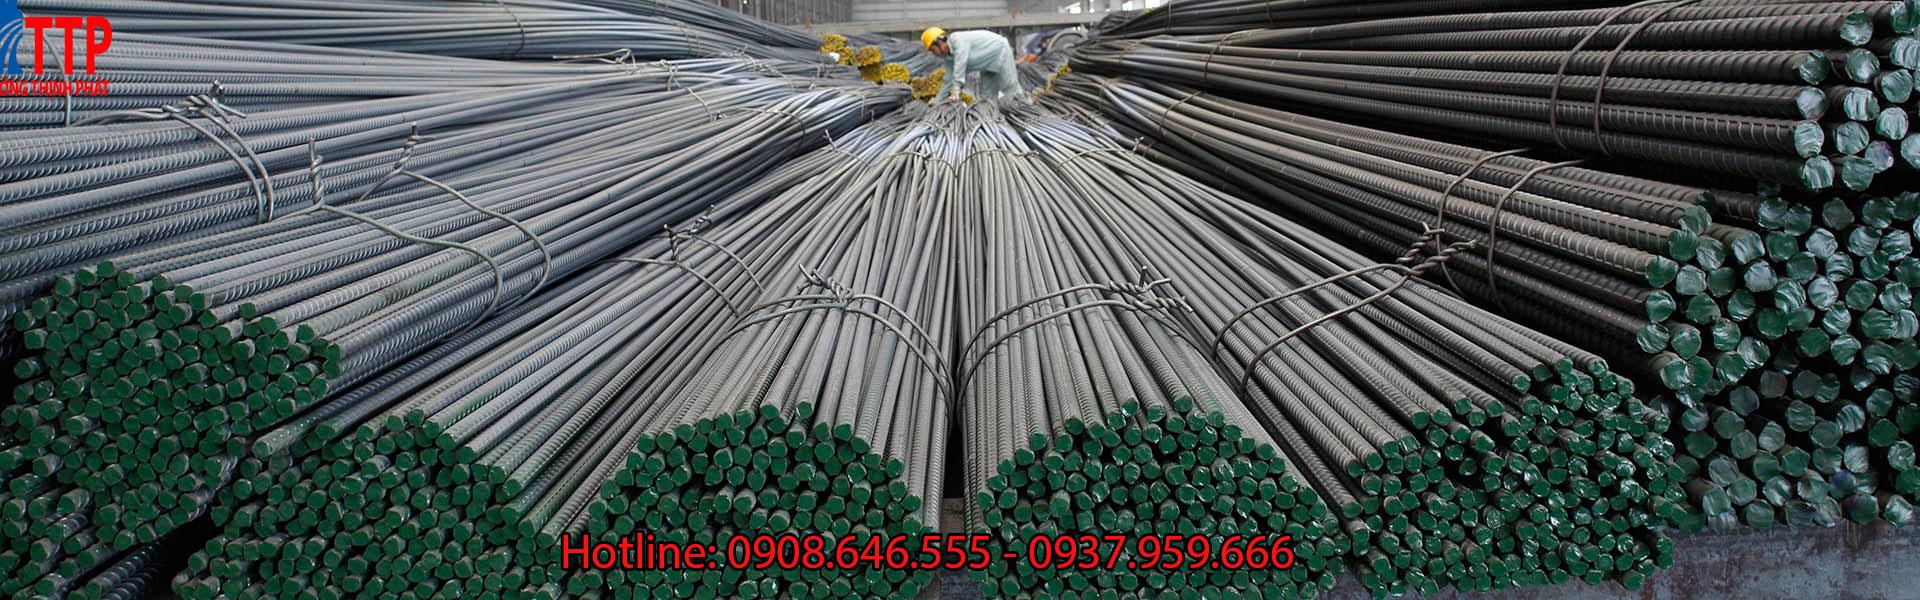 Báo giá thép Việt Mỹ xây dựng Đắc Nông